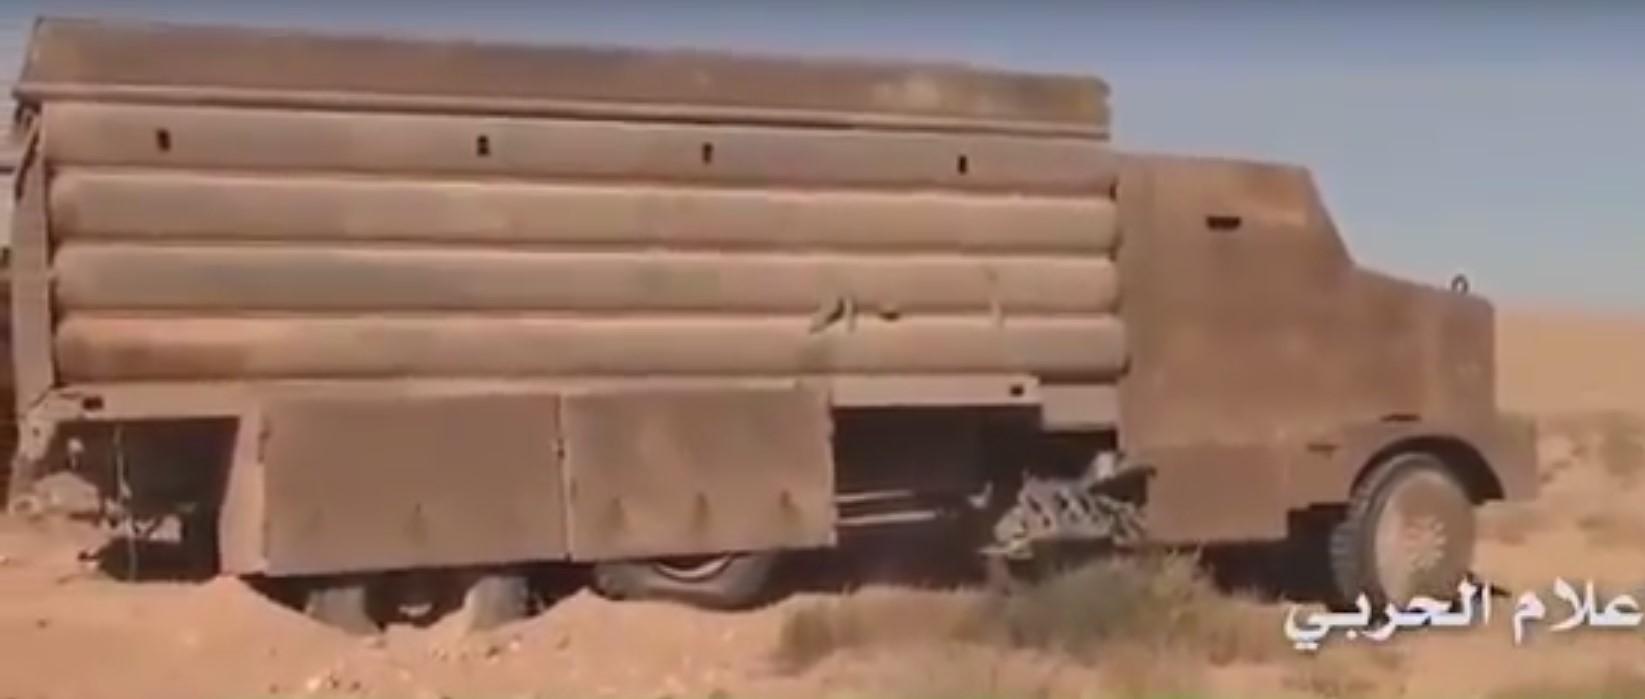 «Бомбы на колесах». Как ИГ использует заминированные автомобили в войне